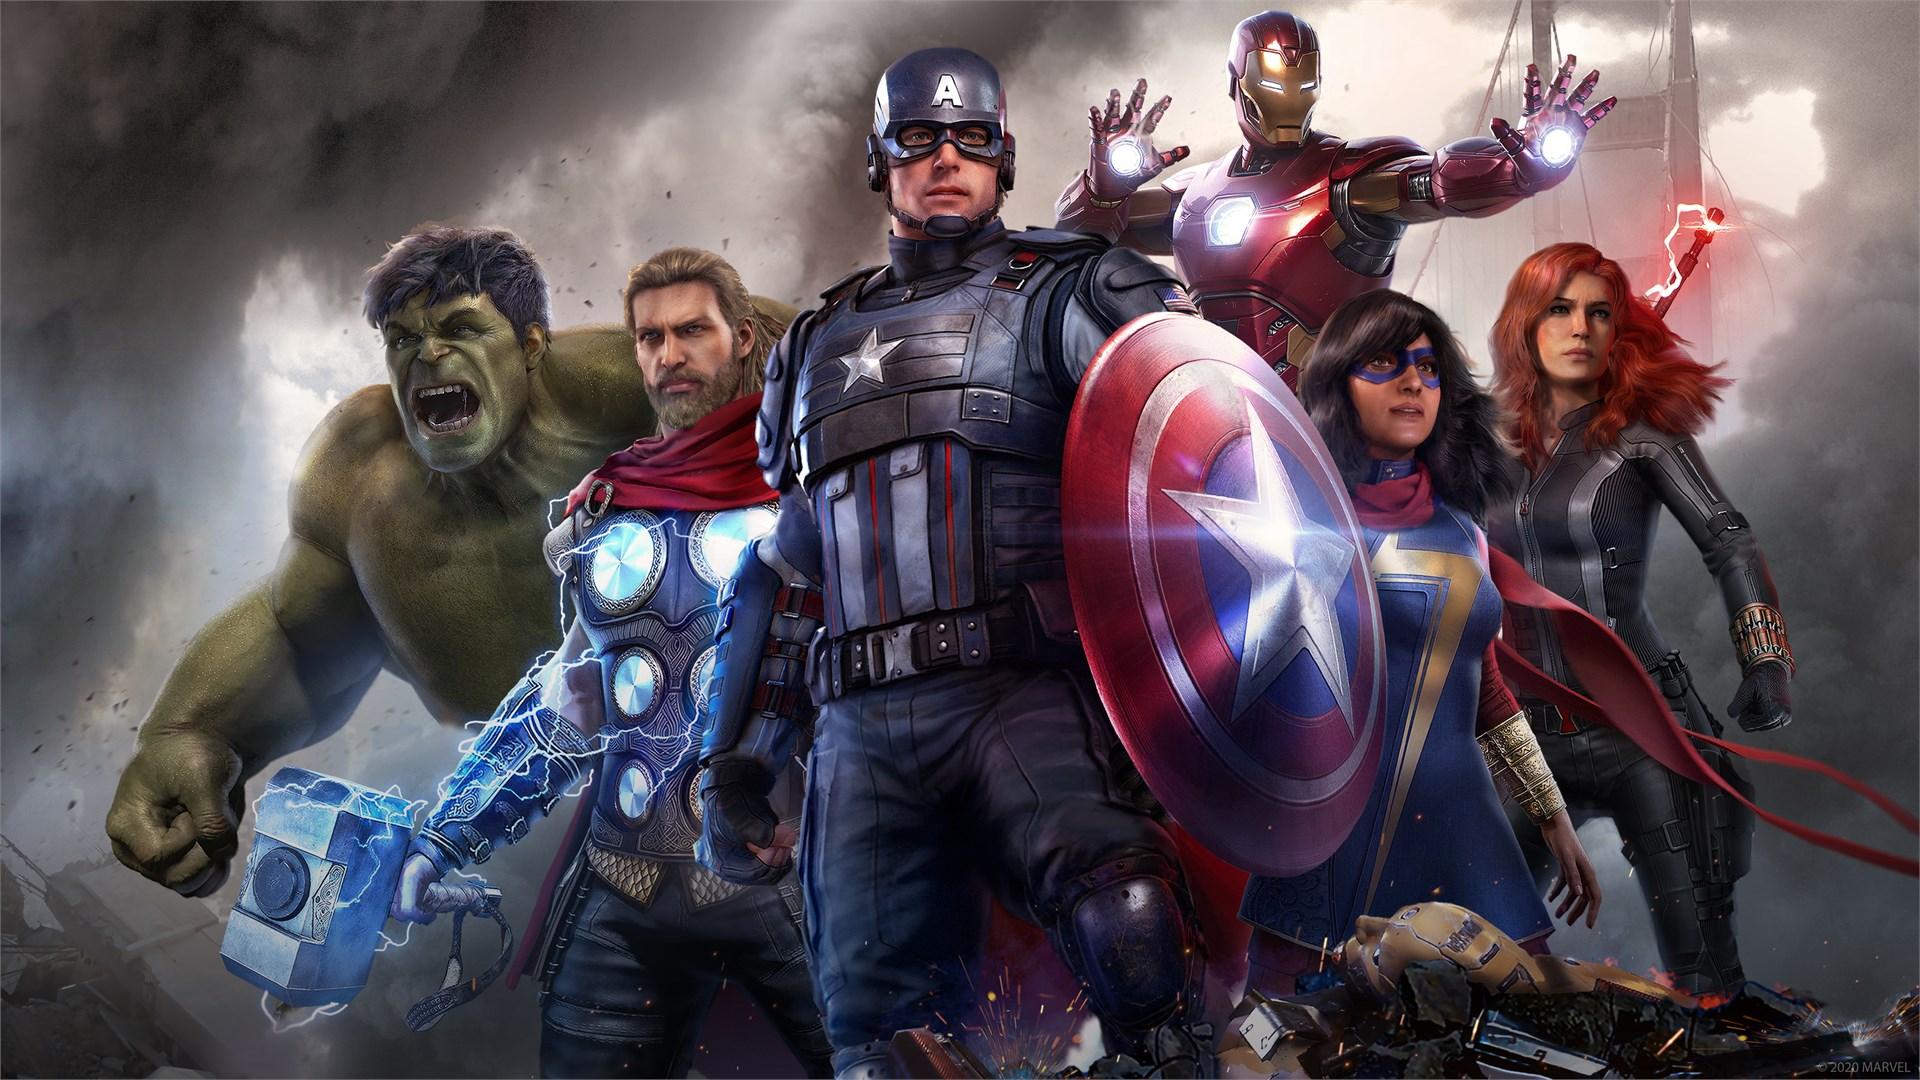 Marvel's Avengers tem data de lançamento marcada para 4 de setembro de 2020 no PS4, Xbox One e PC. (Foto: Divulgação/Square Enix)